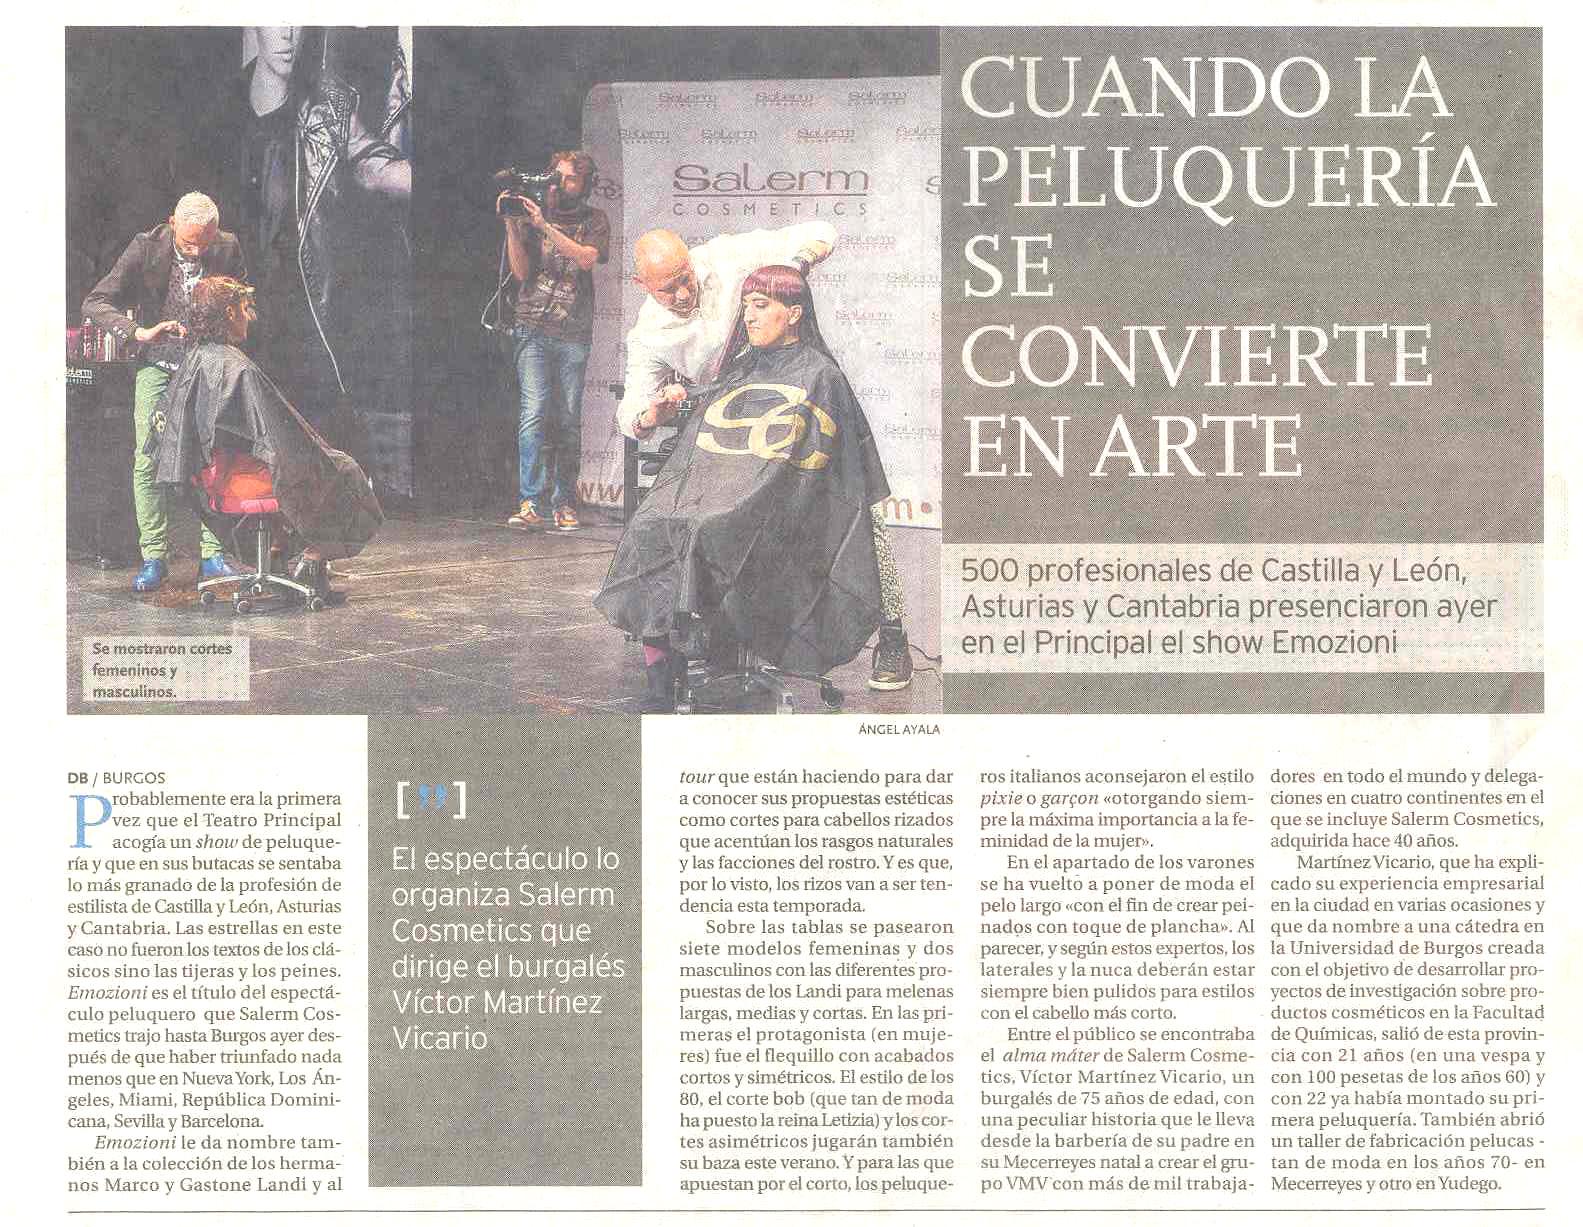 Diario de Burgos, 9-06-2015, Salerm